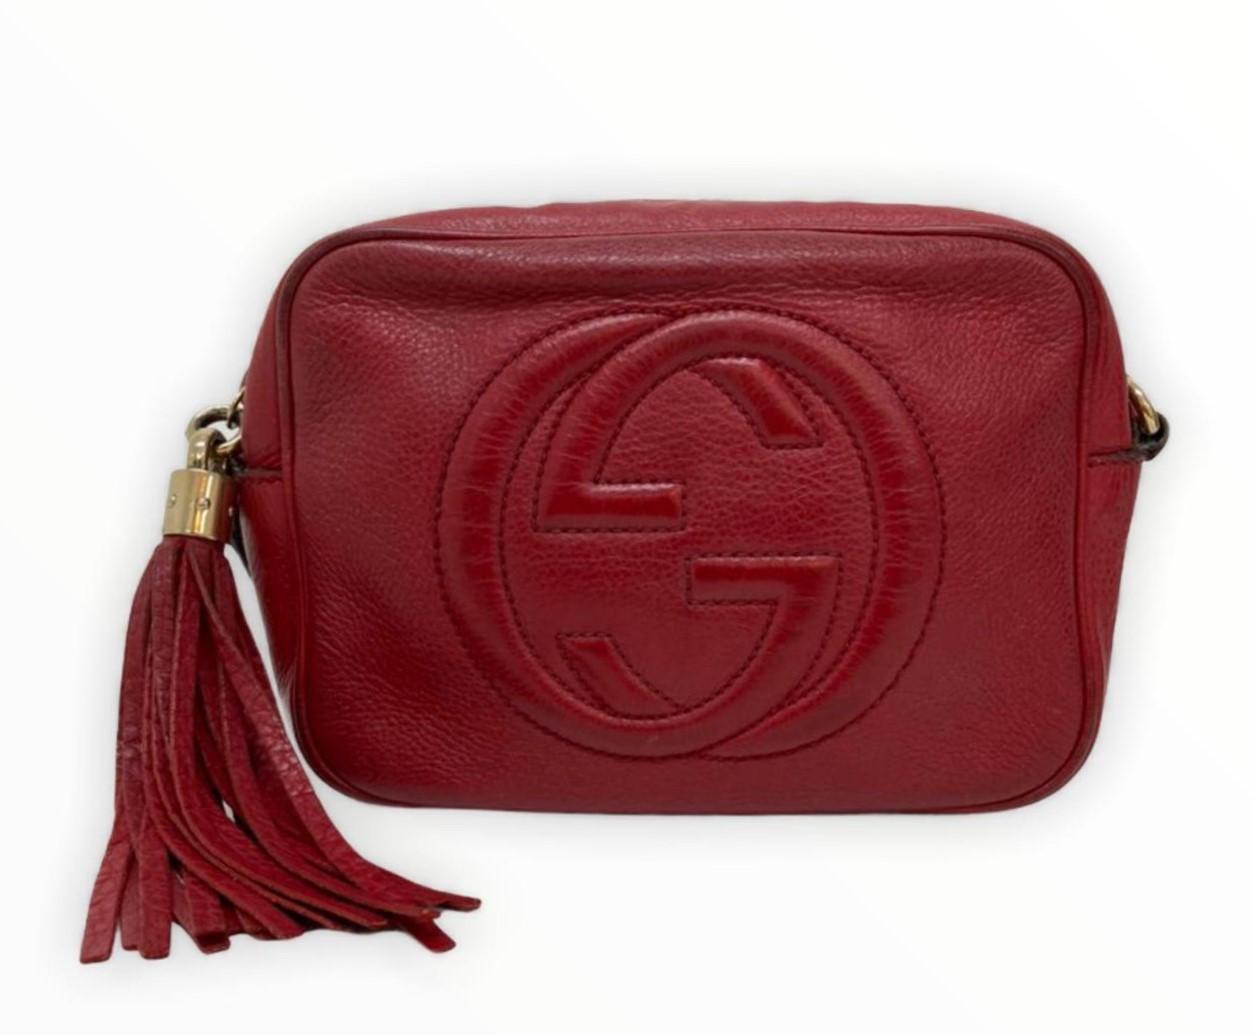 Bolsa Gucci Soho Disco Vermelha